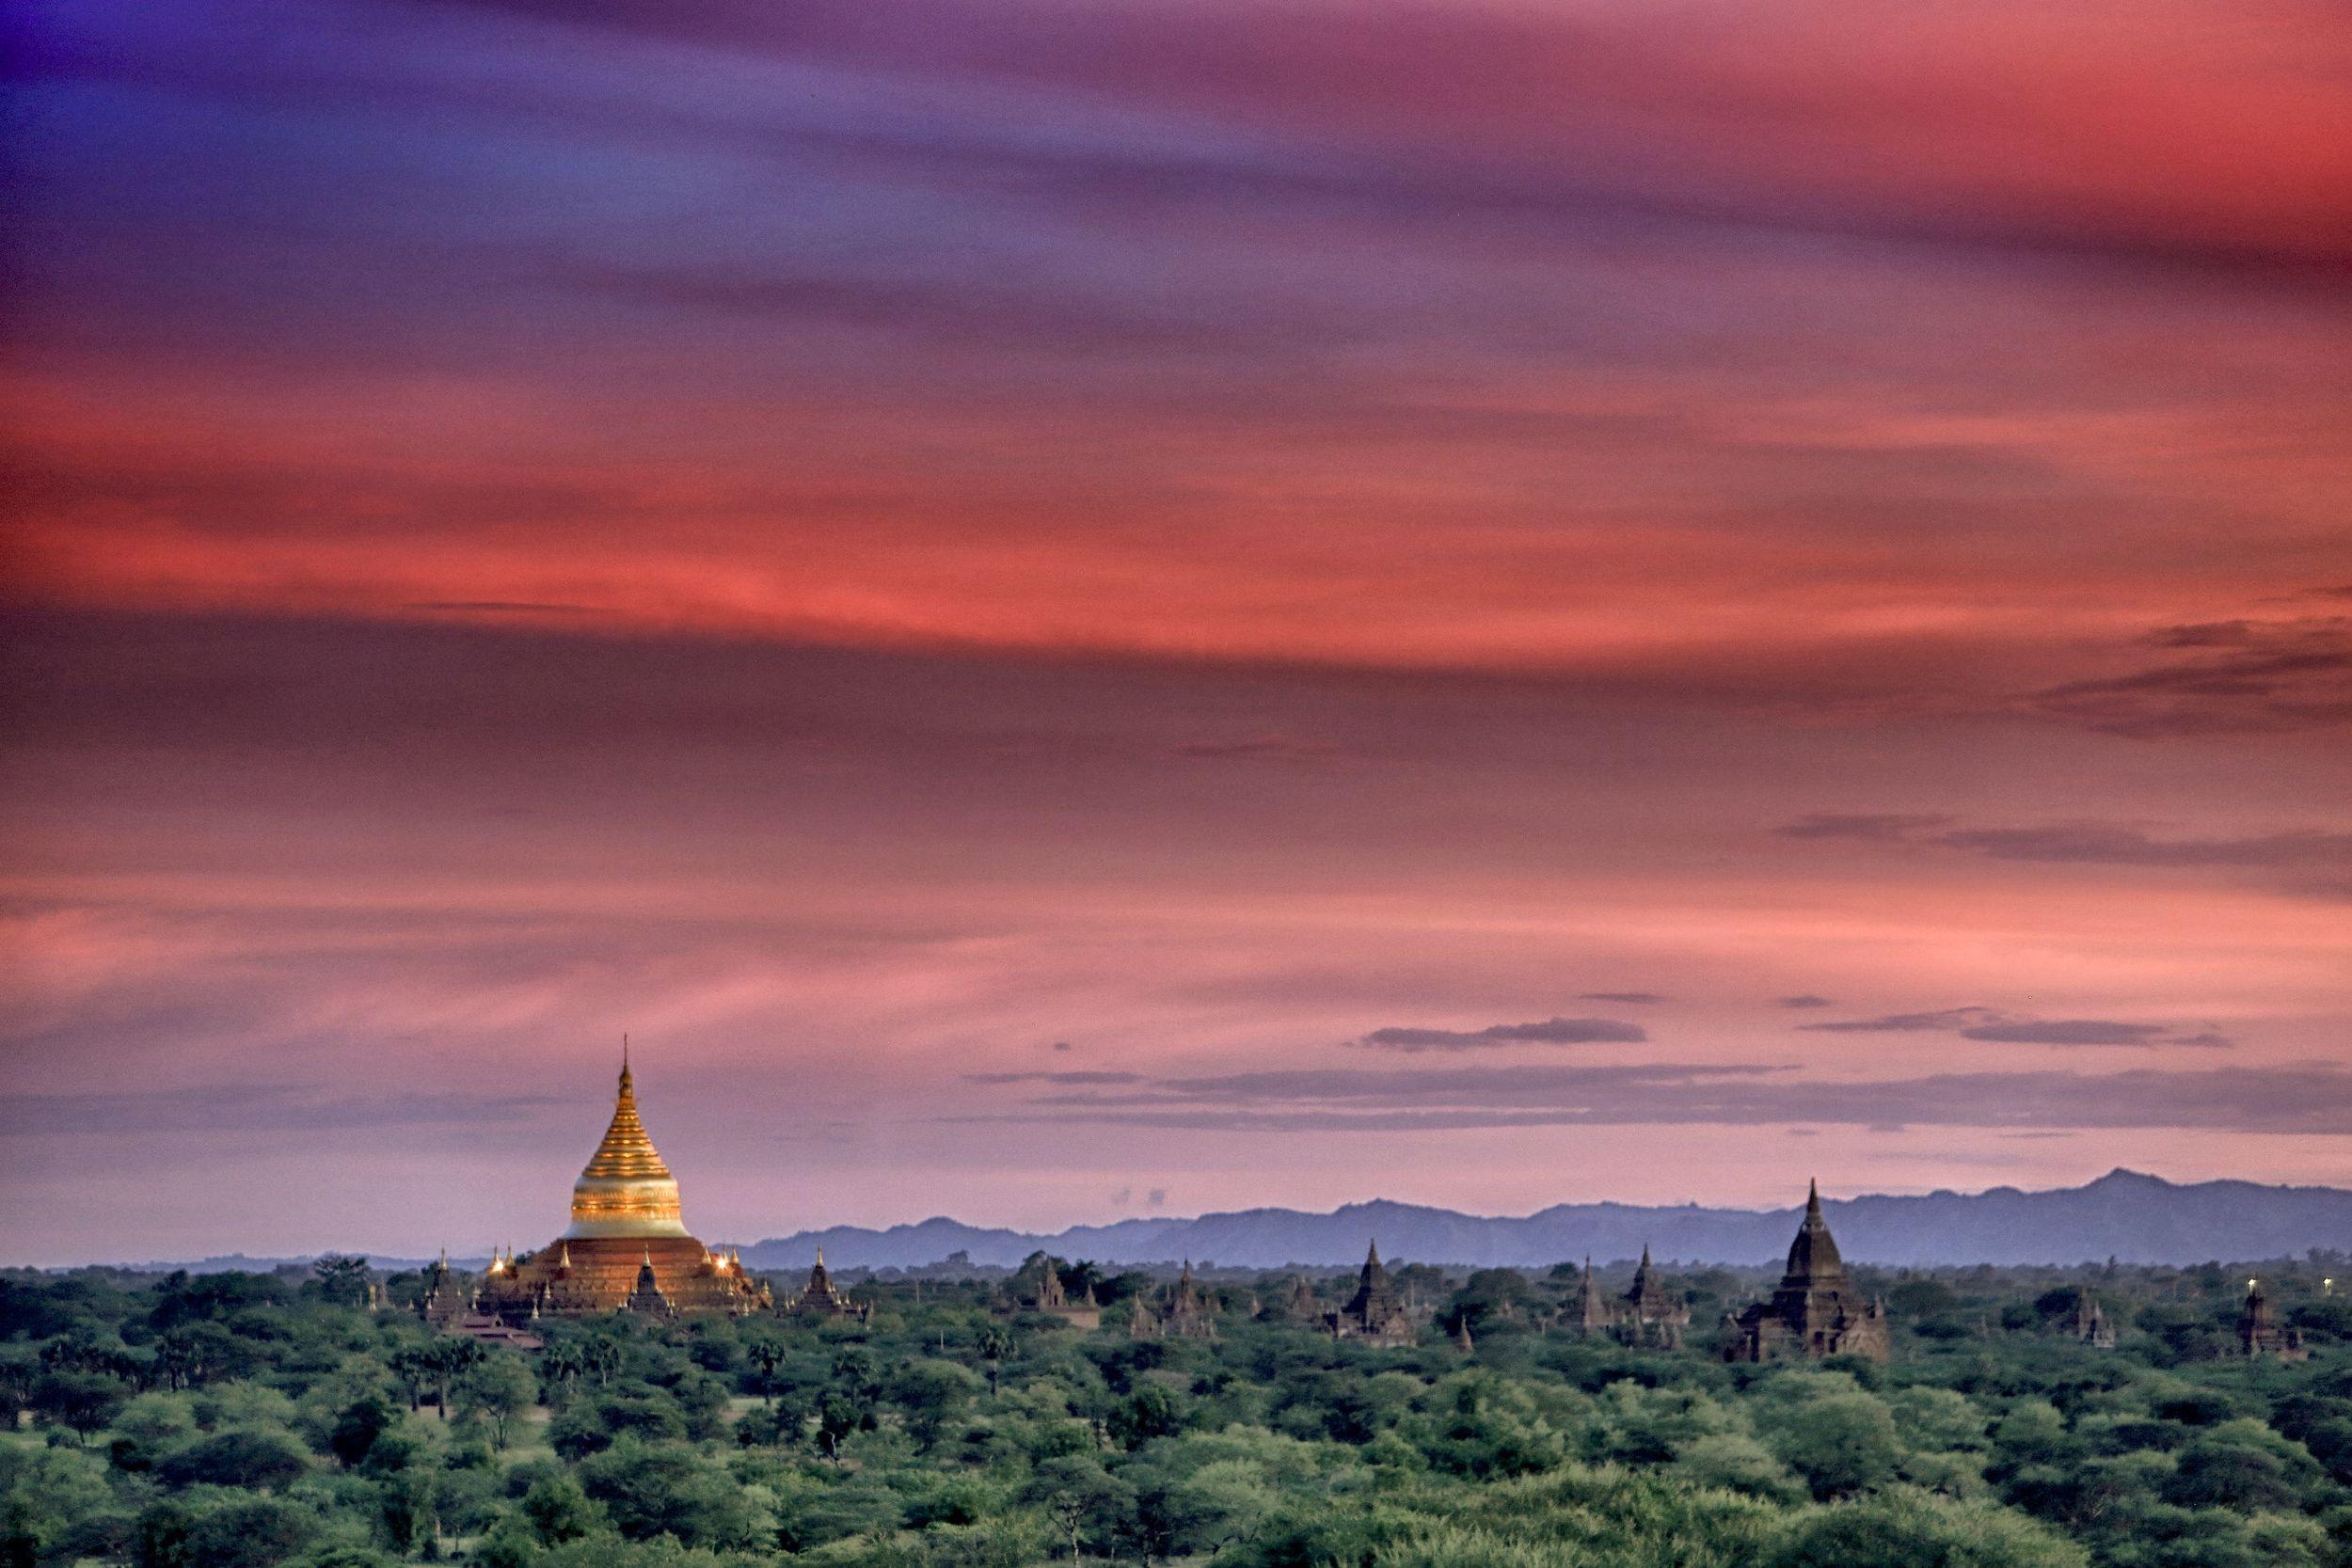 Sunset Bagan, Myanmar, 2016